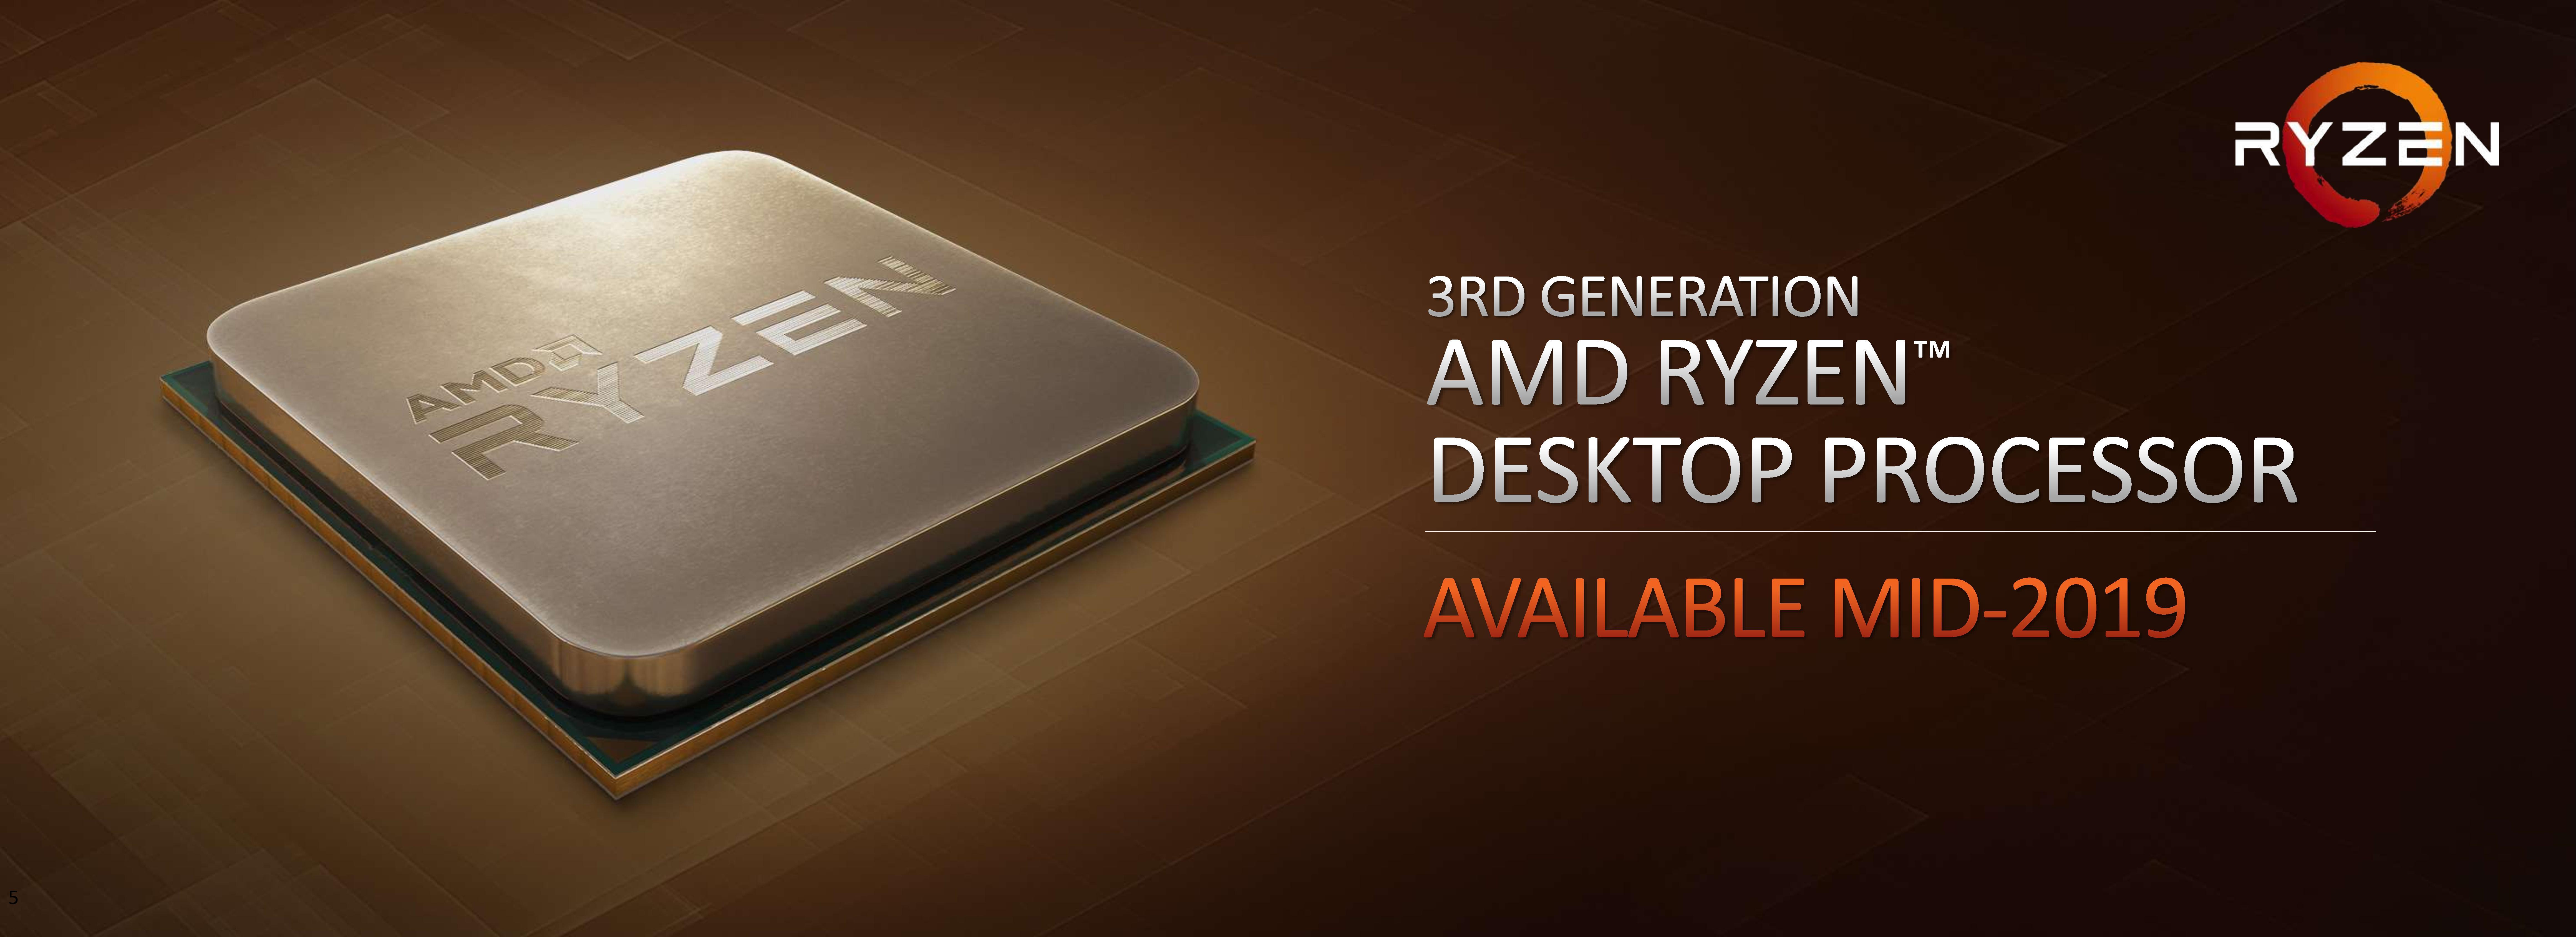 AMD Ryzen 3rd Gen 'Matisse' Coming Mid 2019: Eight Core Zen